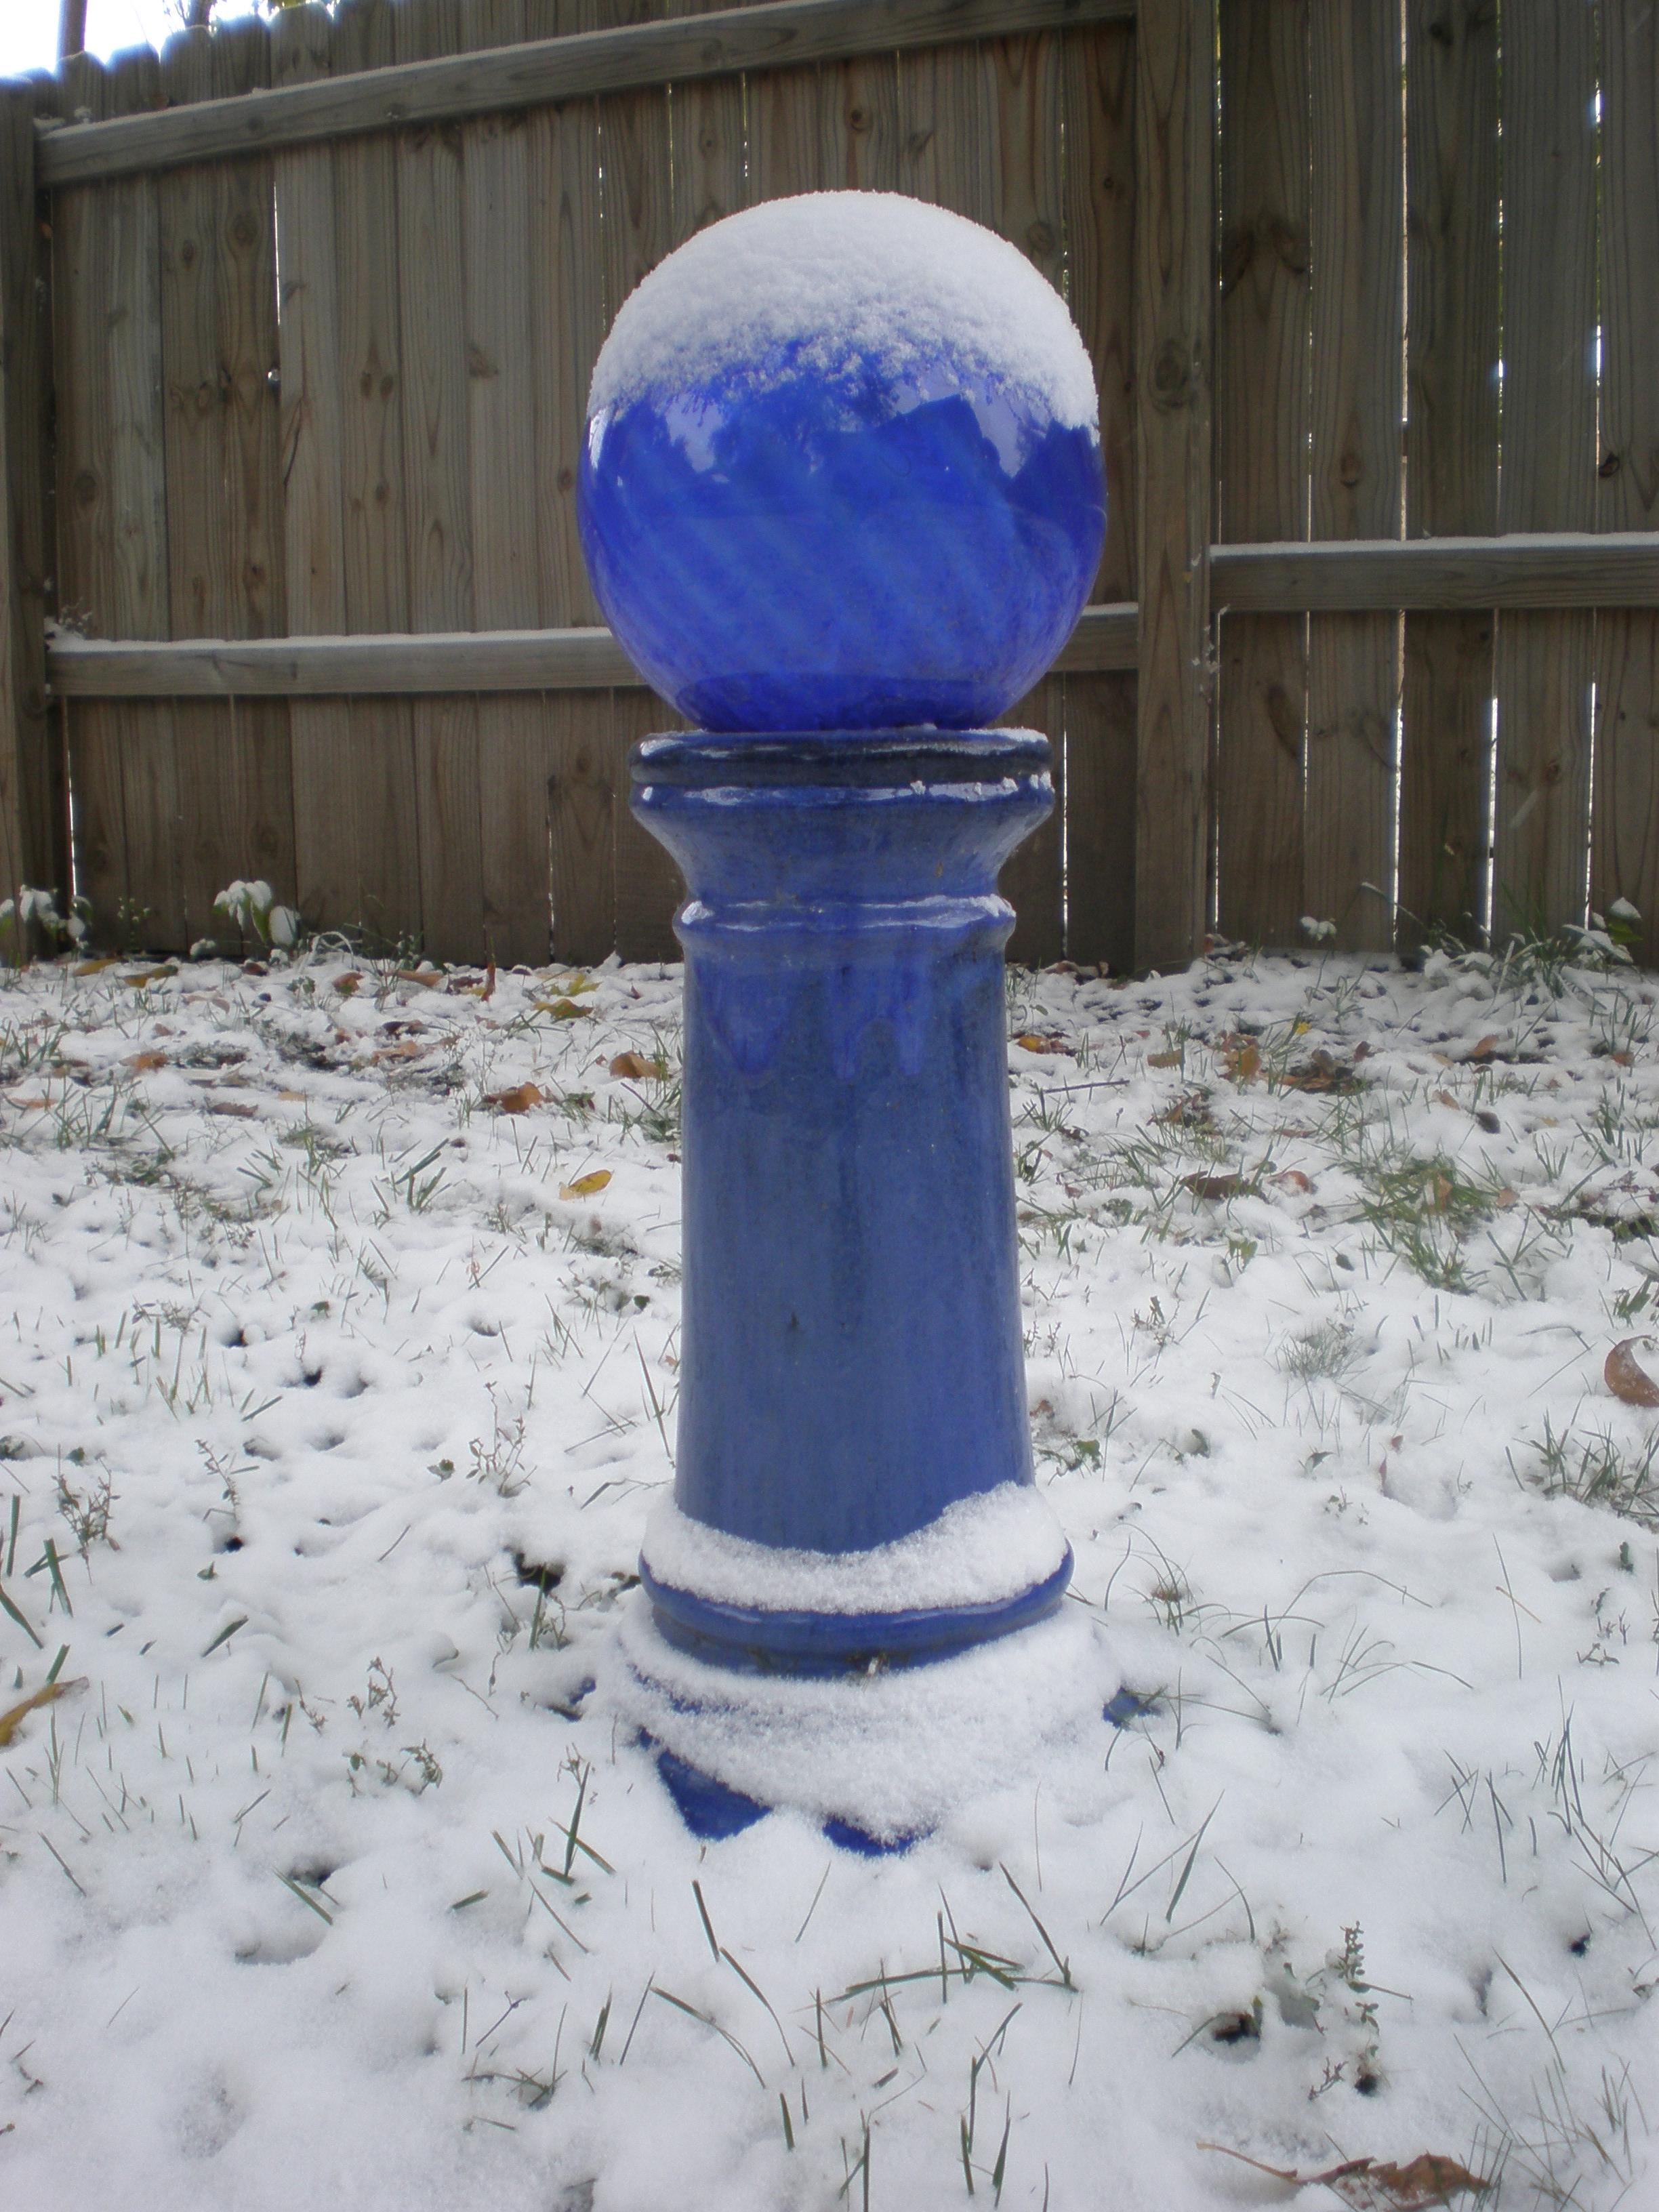 garden ball in snow